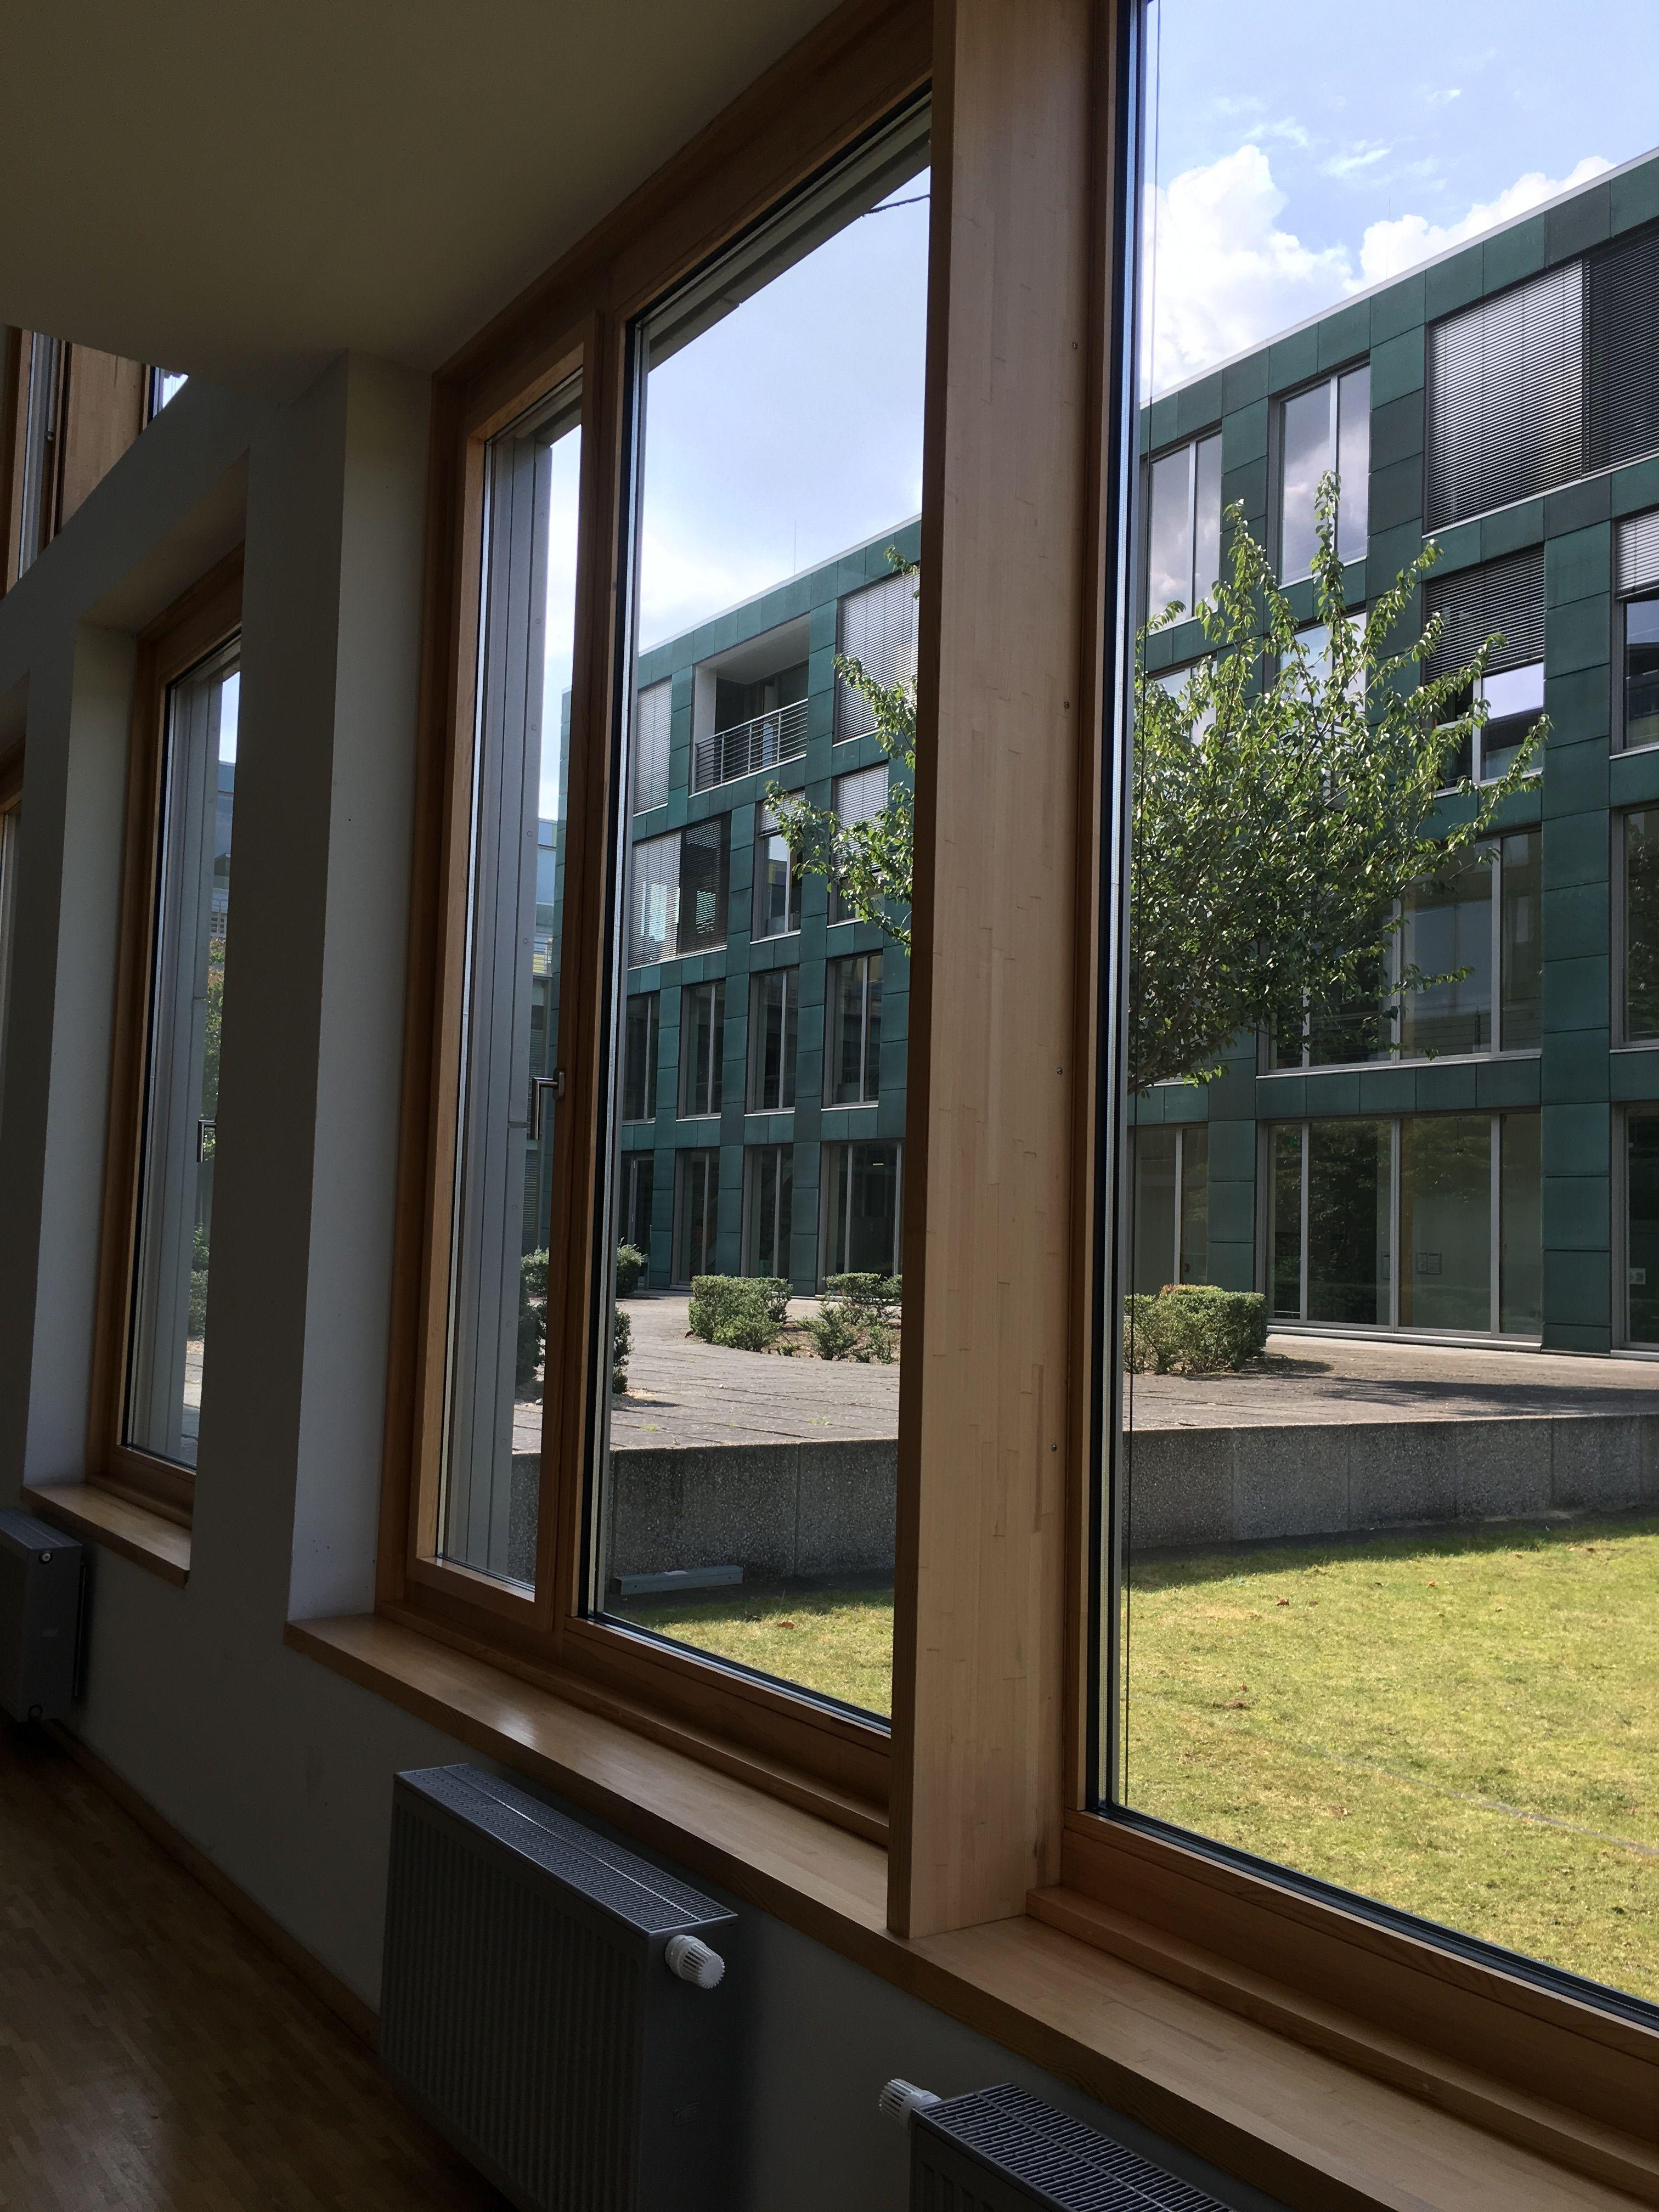 Pfosten riegel konstruktion pfosten riegel konstruktion brettschichtholz pinterest - Erdgeschoss fenster sichtschutz ...